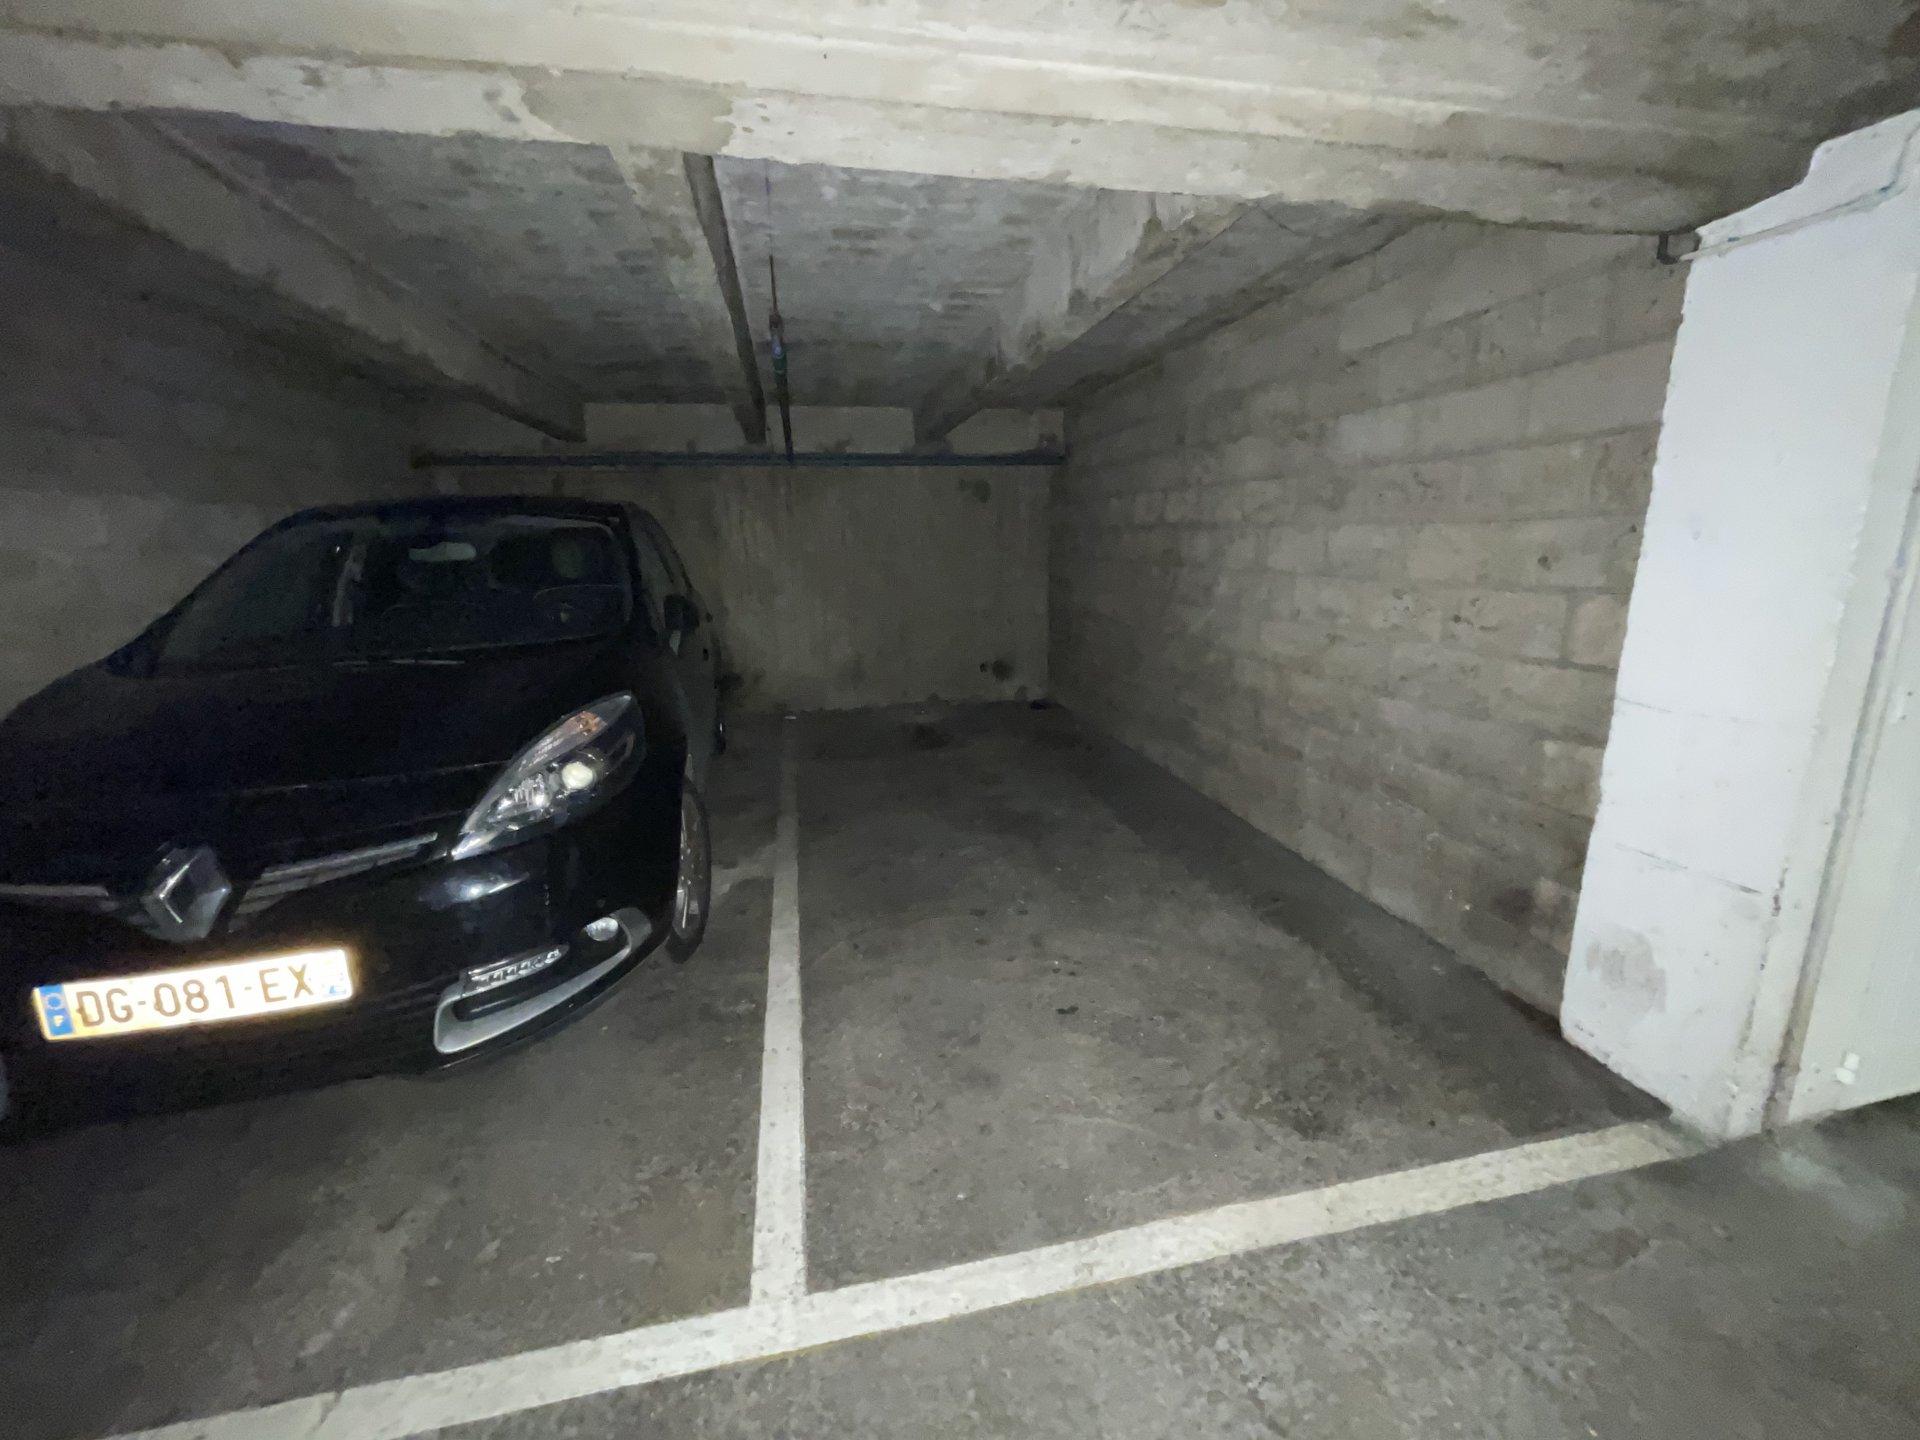 Emplacement de Parking - PARNASSIUM